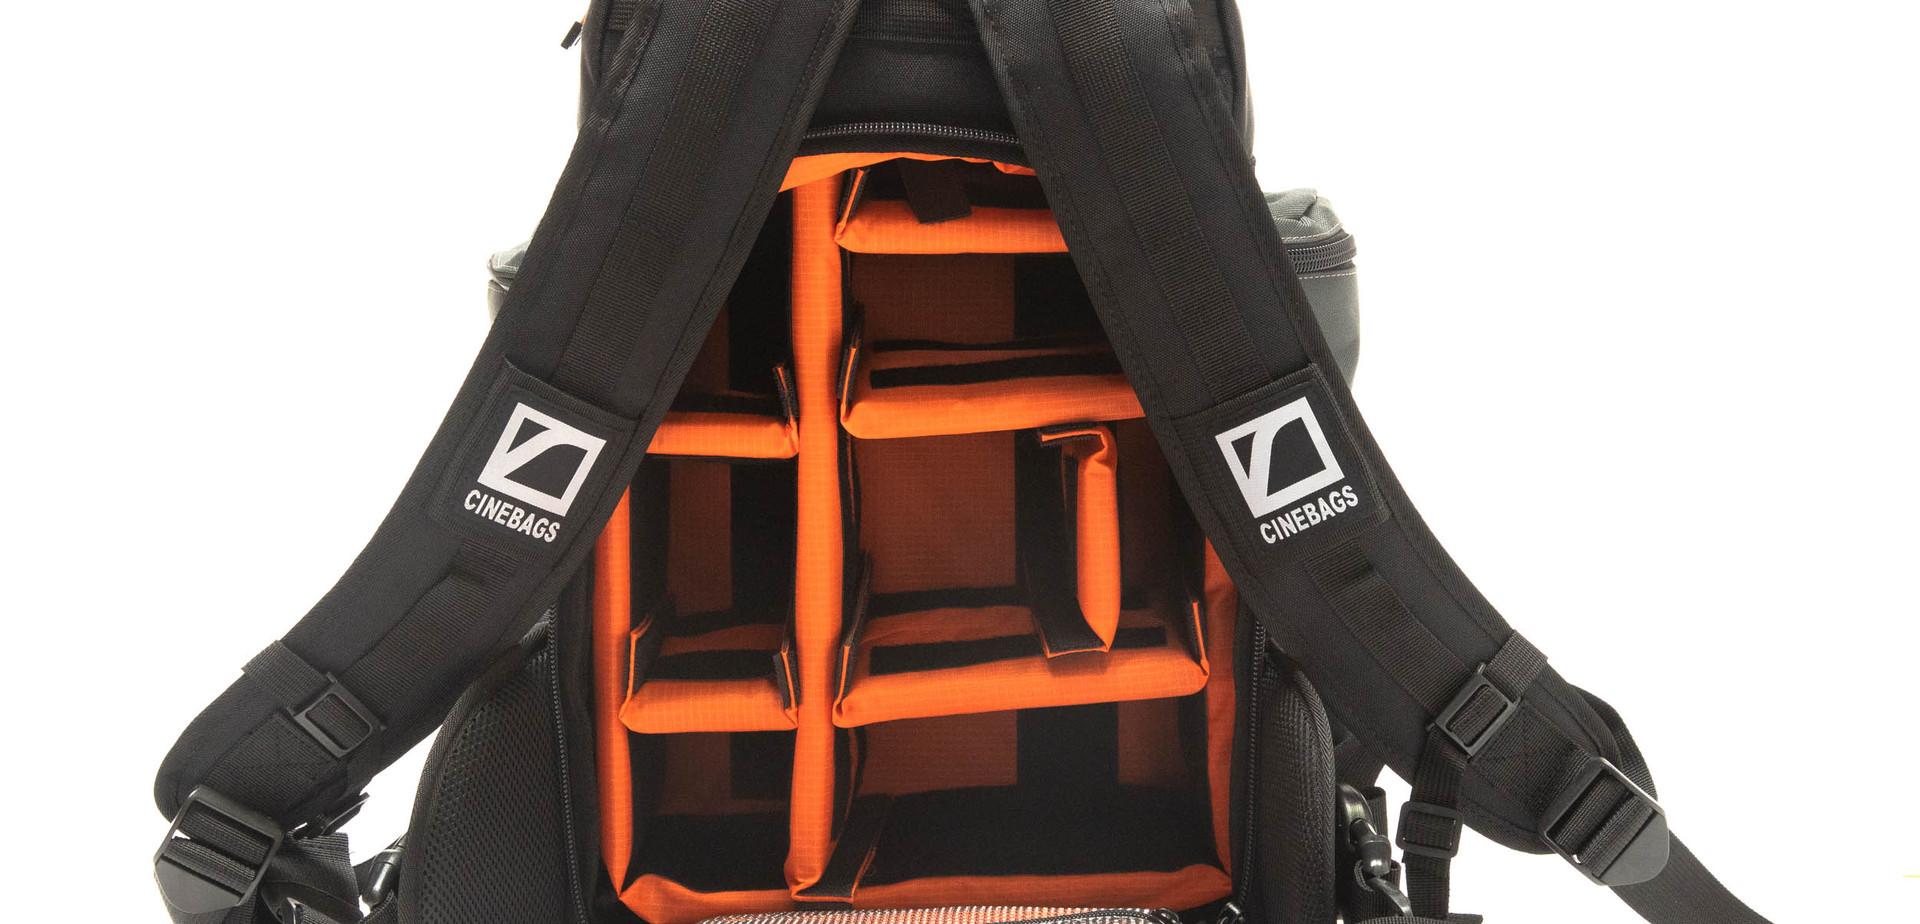 CineBags CB25 Revolution Backpack